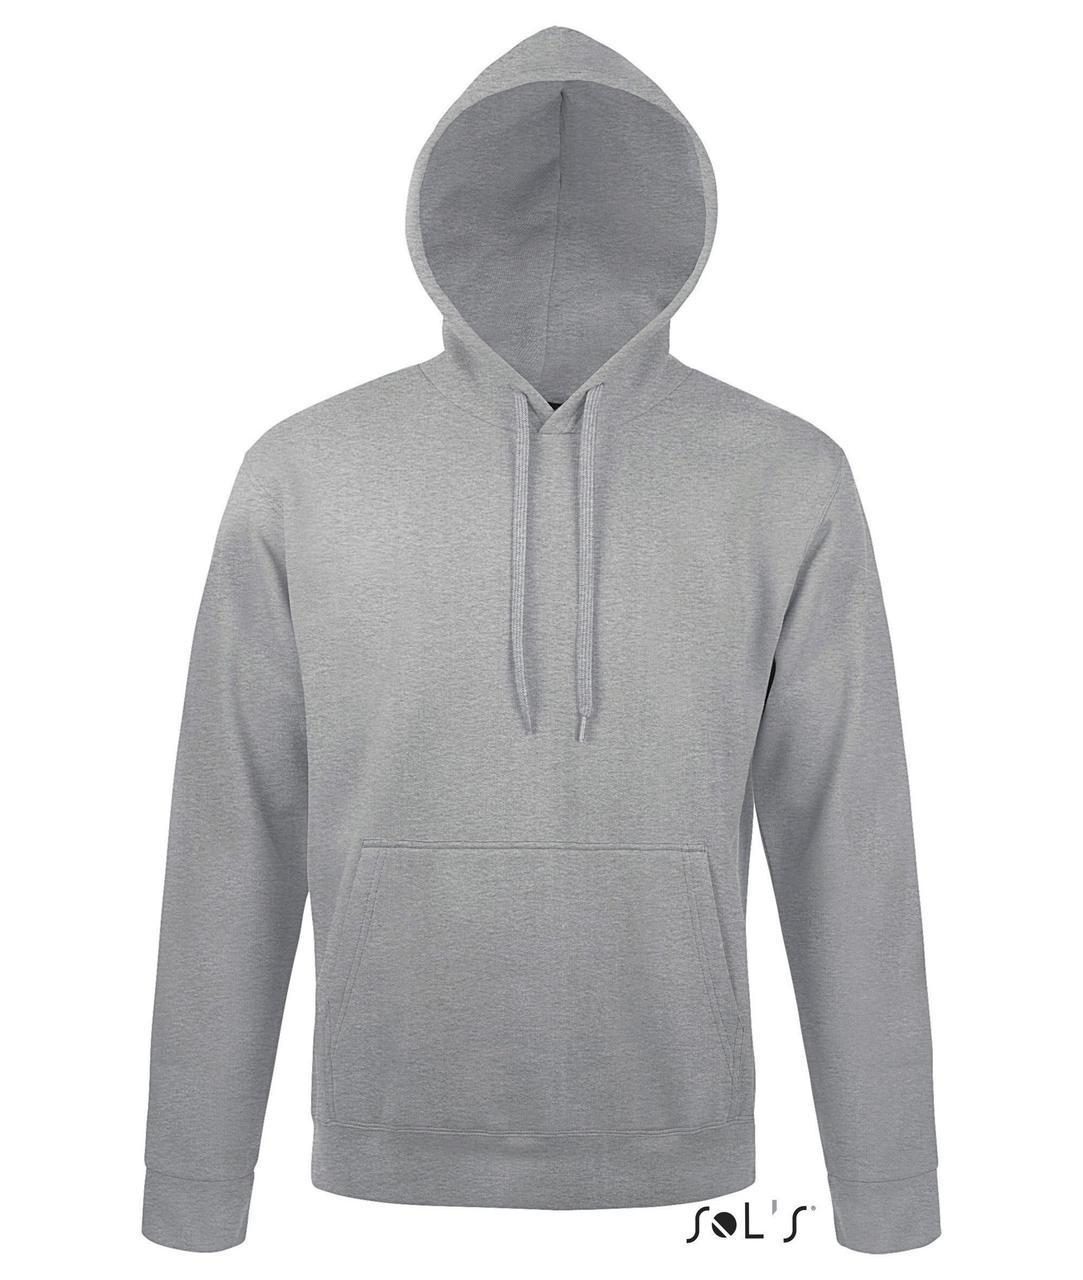 Свитшот унисекс SNAKE, размер XL, цвет Серый.